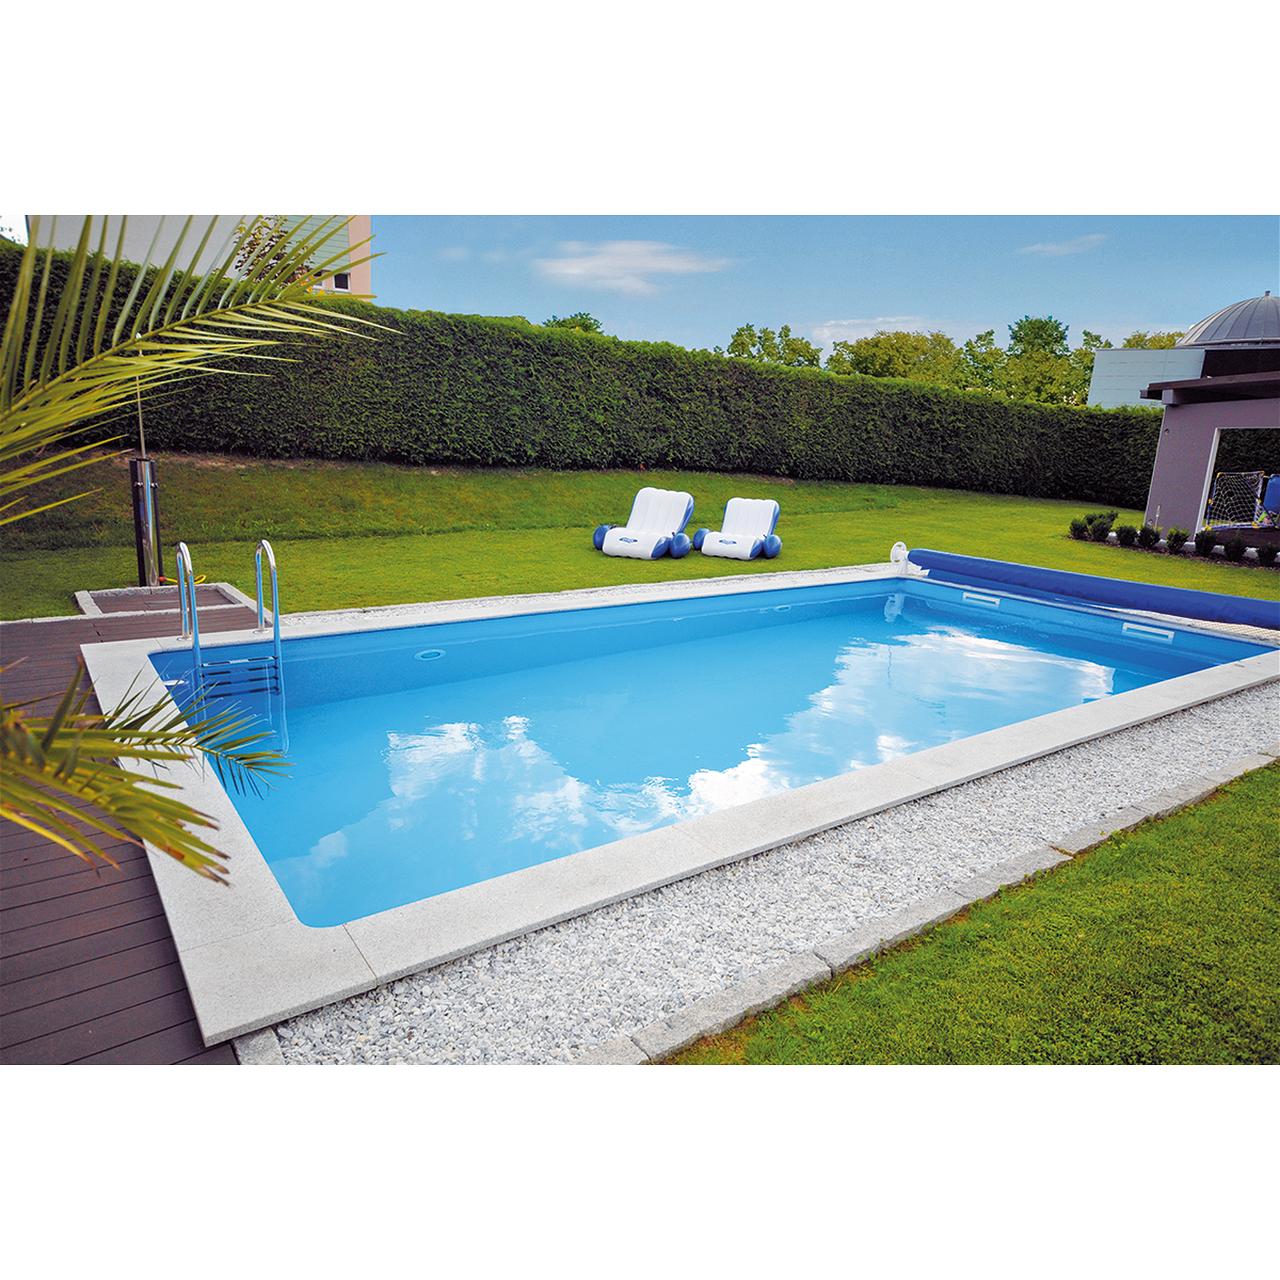 KWAD Styropor Stein Pool de Luxe 6,0 x 3,0 x 1,5m inkl. Edelstahlleiter